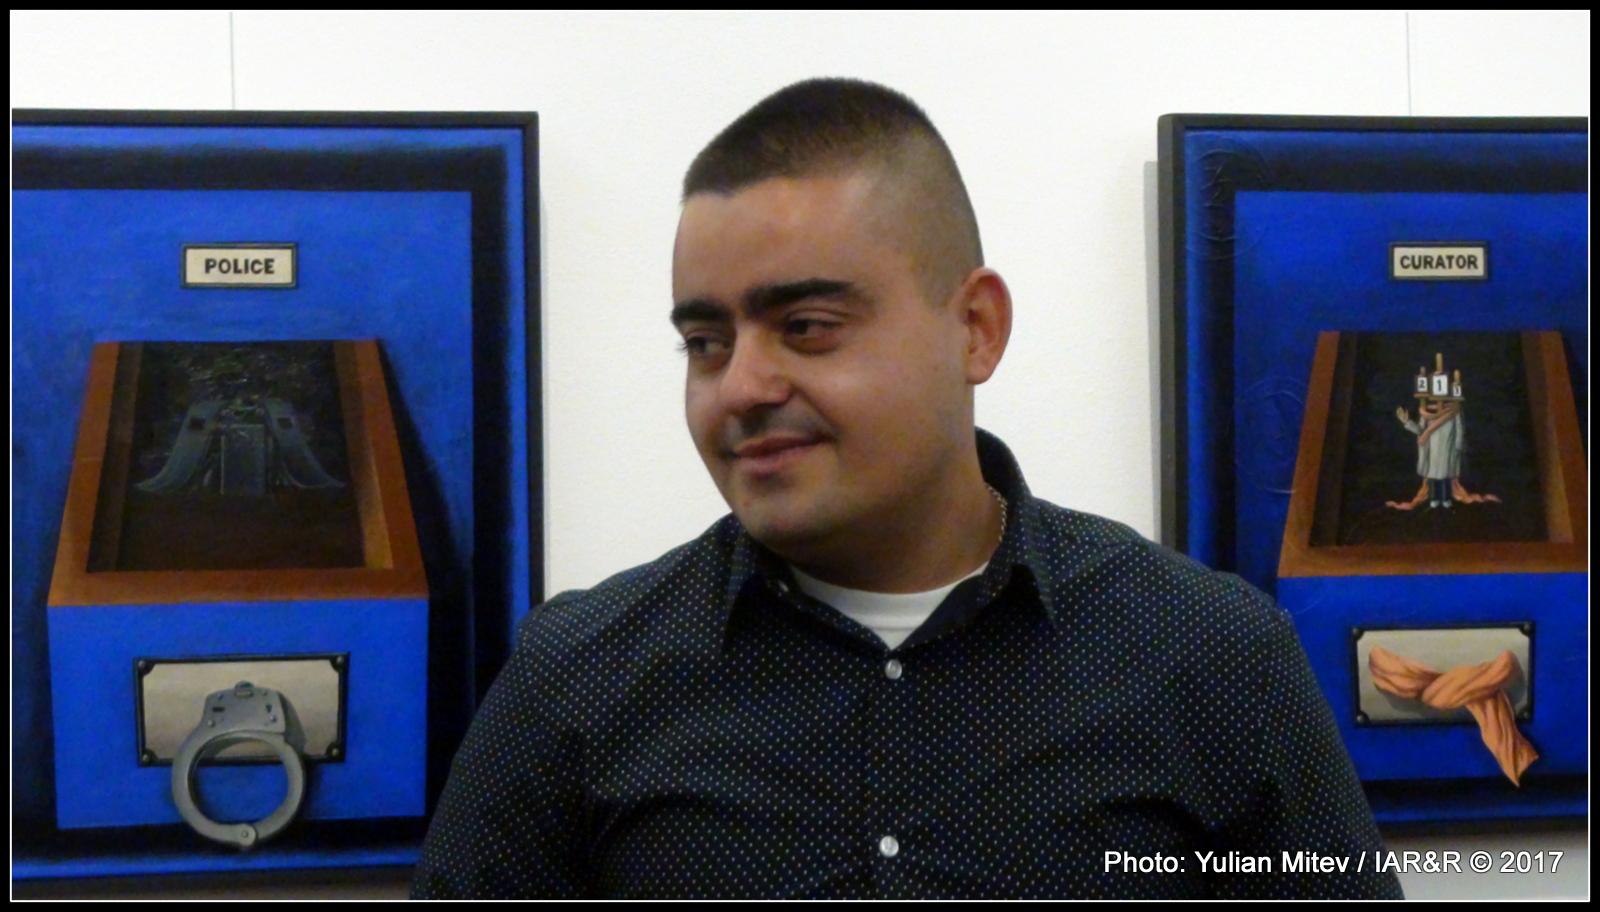 Художникът Деян Янев пред свои картини по време на откриване на изложбата